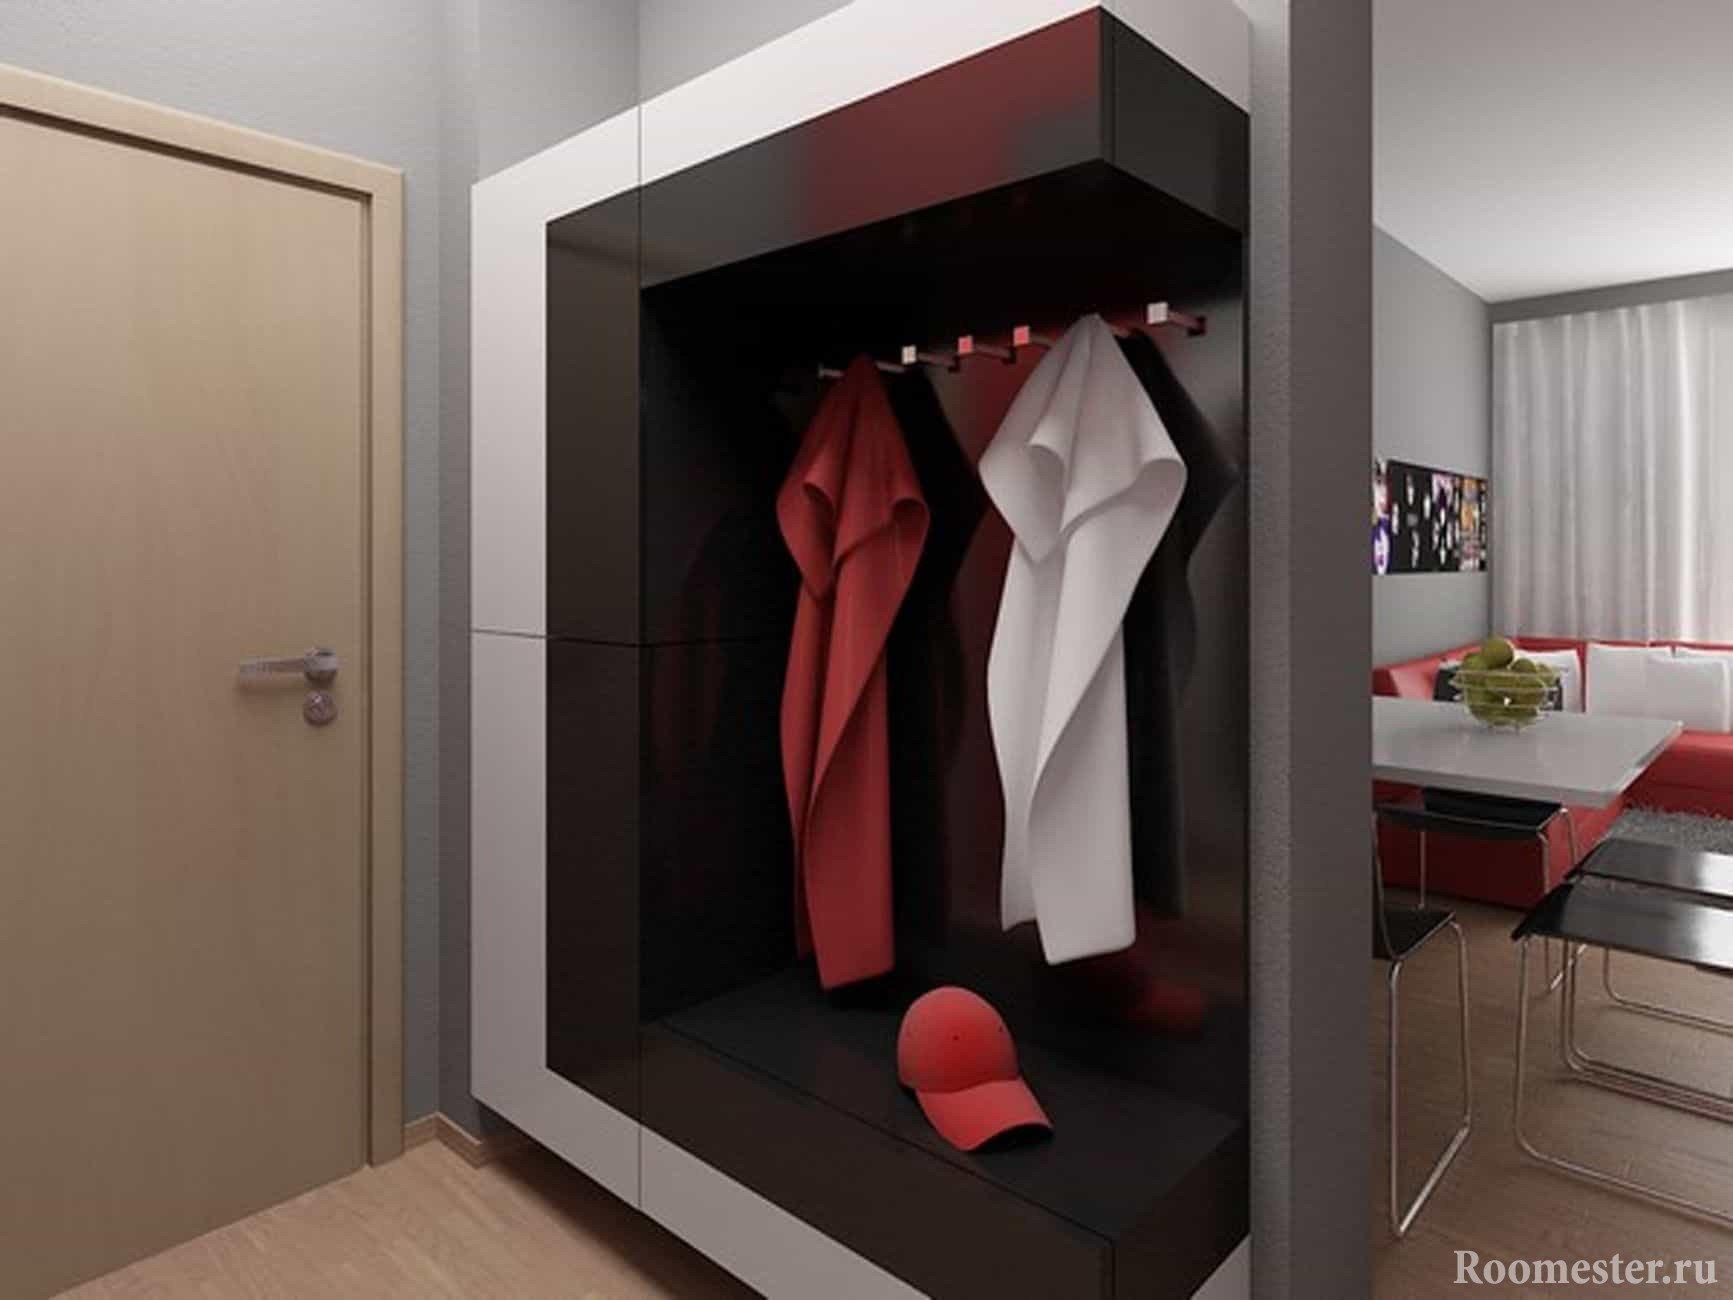 Шкаф и вешалка для прихожей